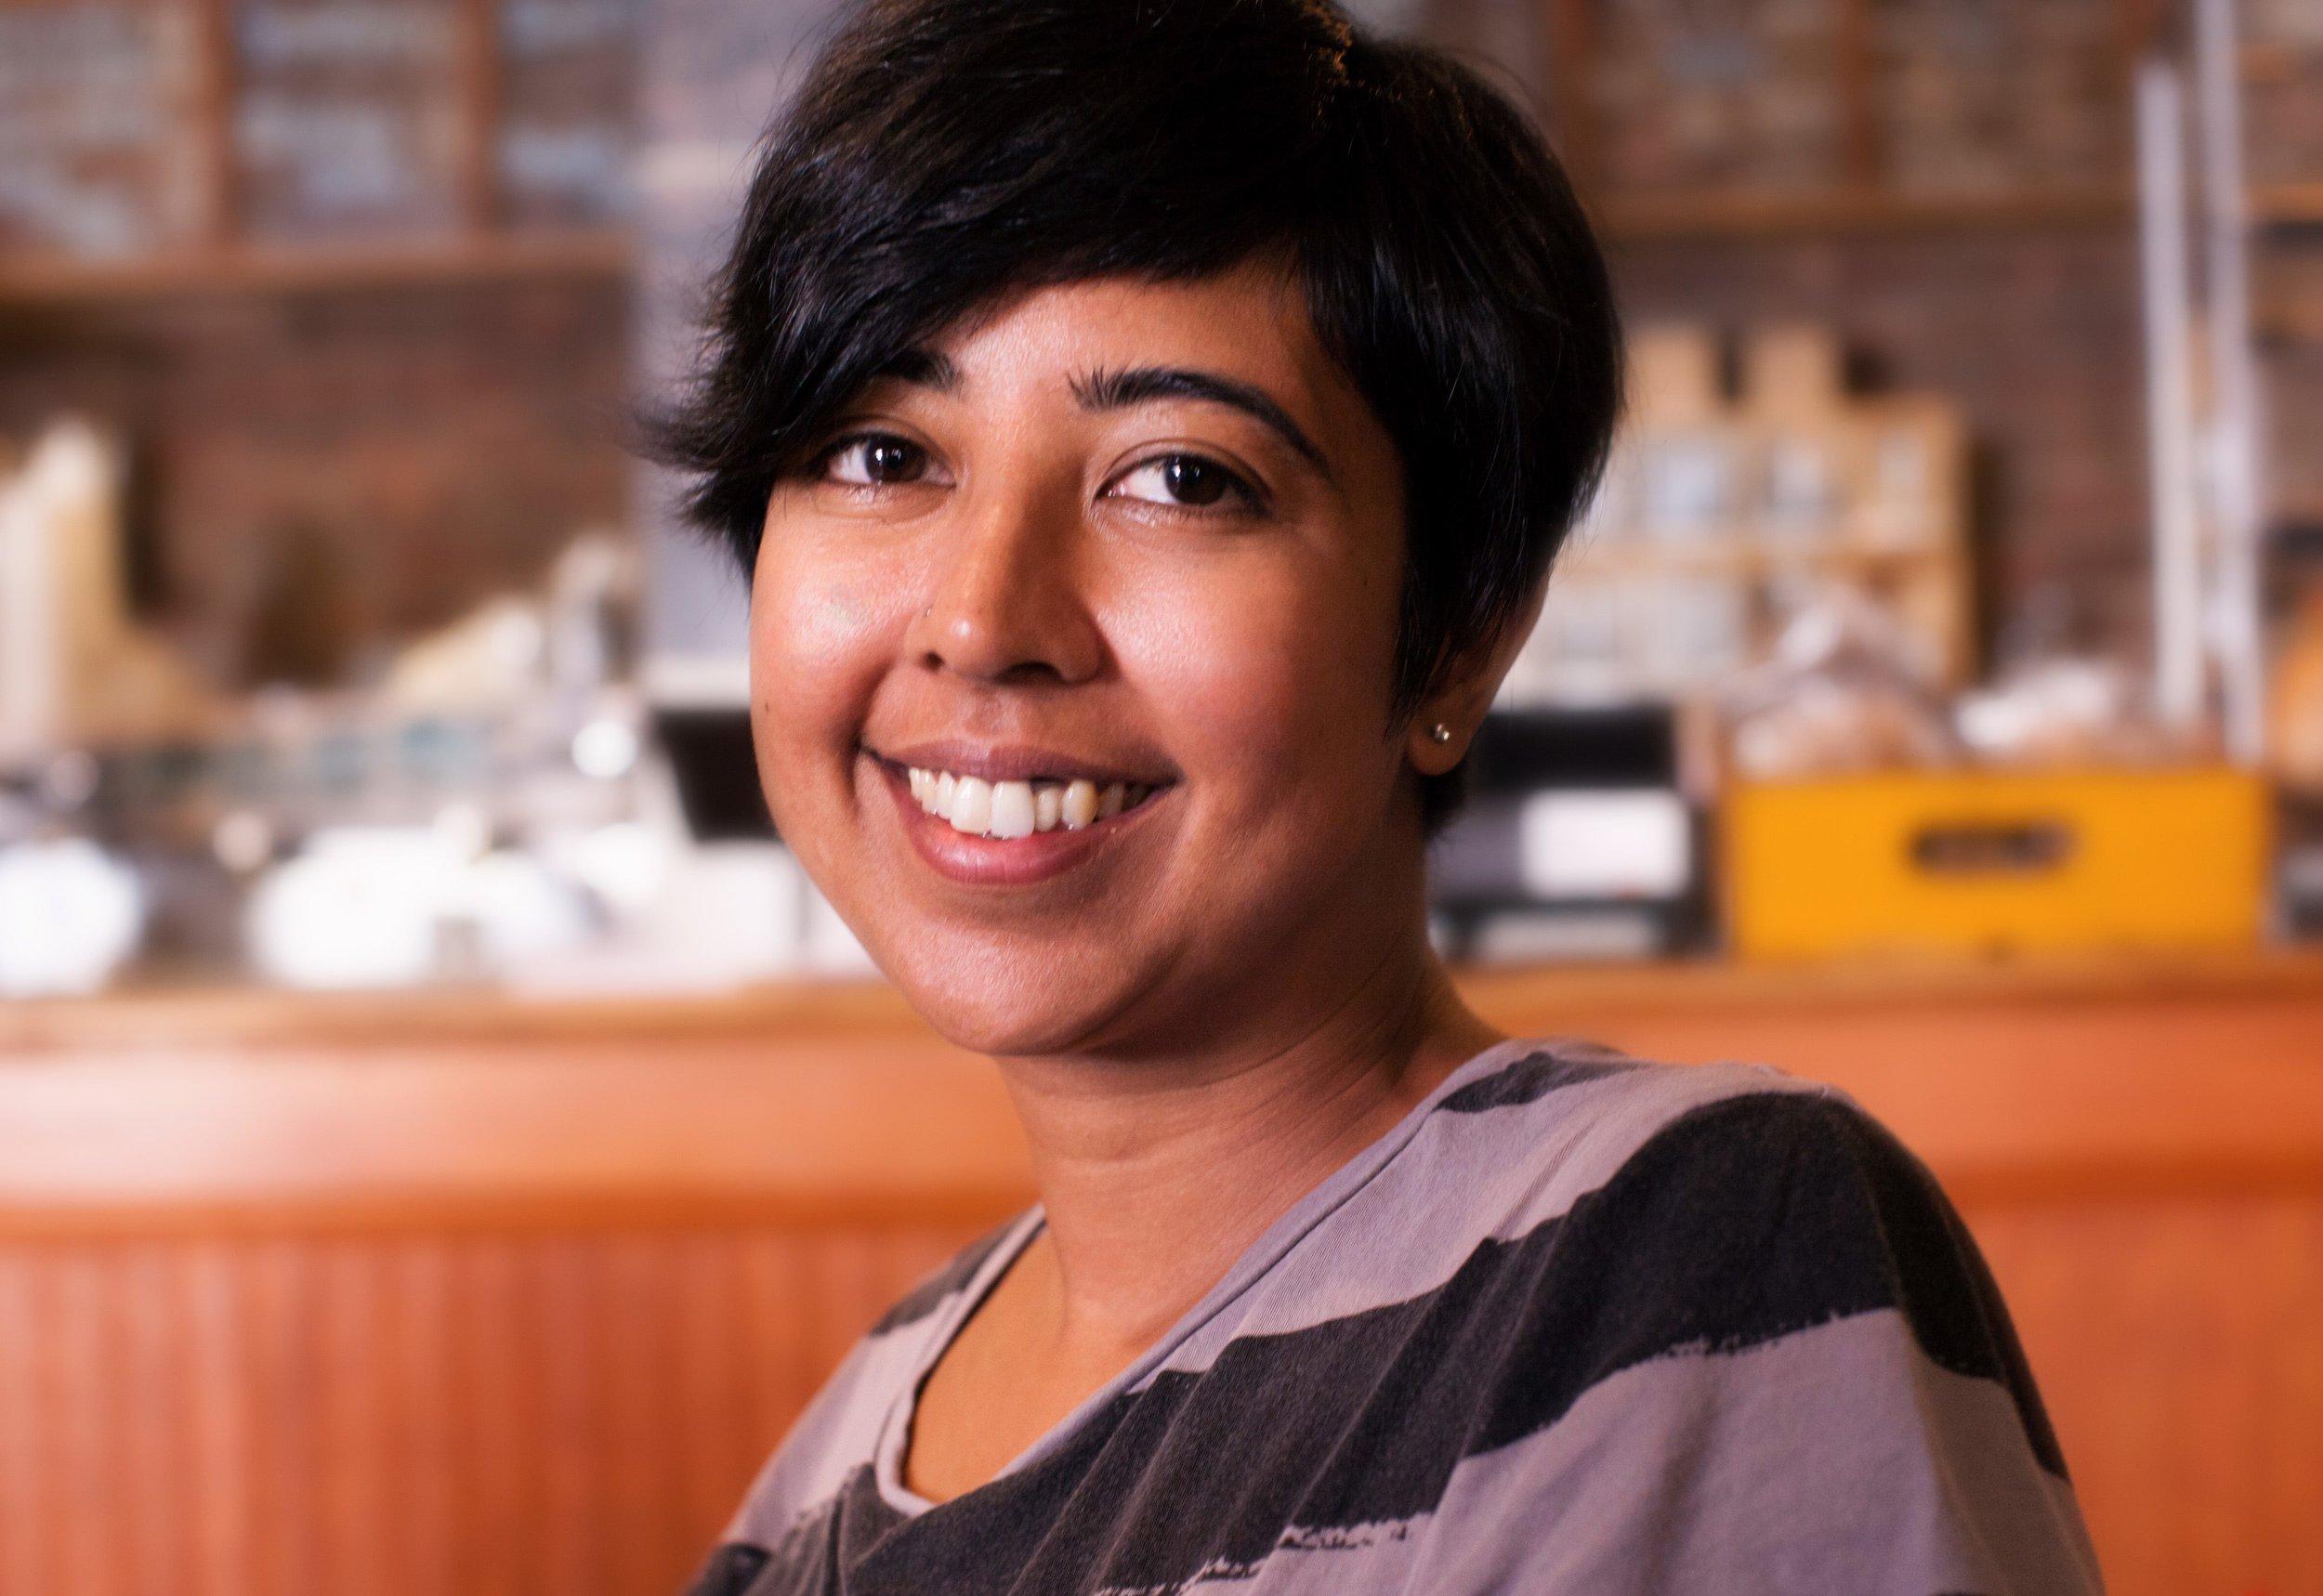 Rehana-Mirza-headshotSmaller1.jpg